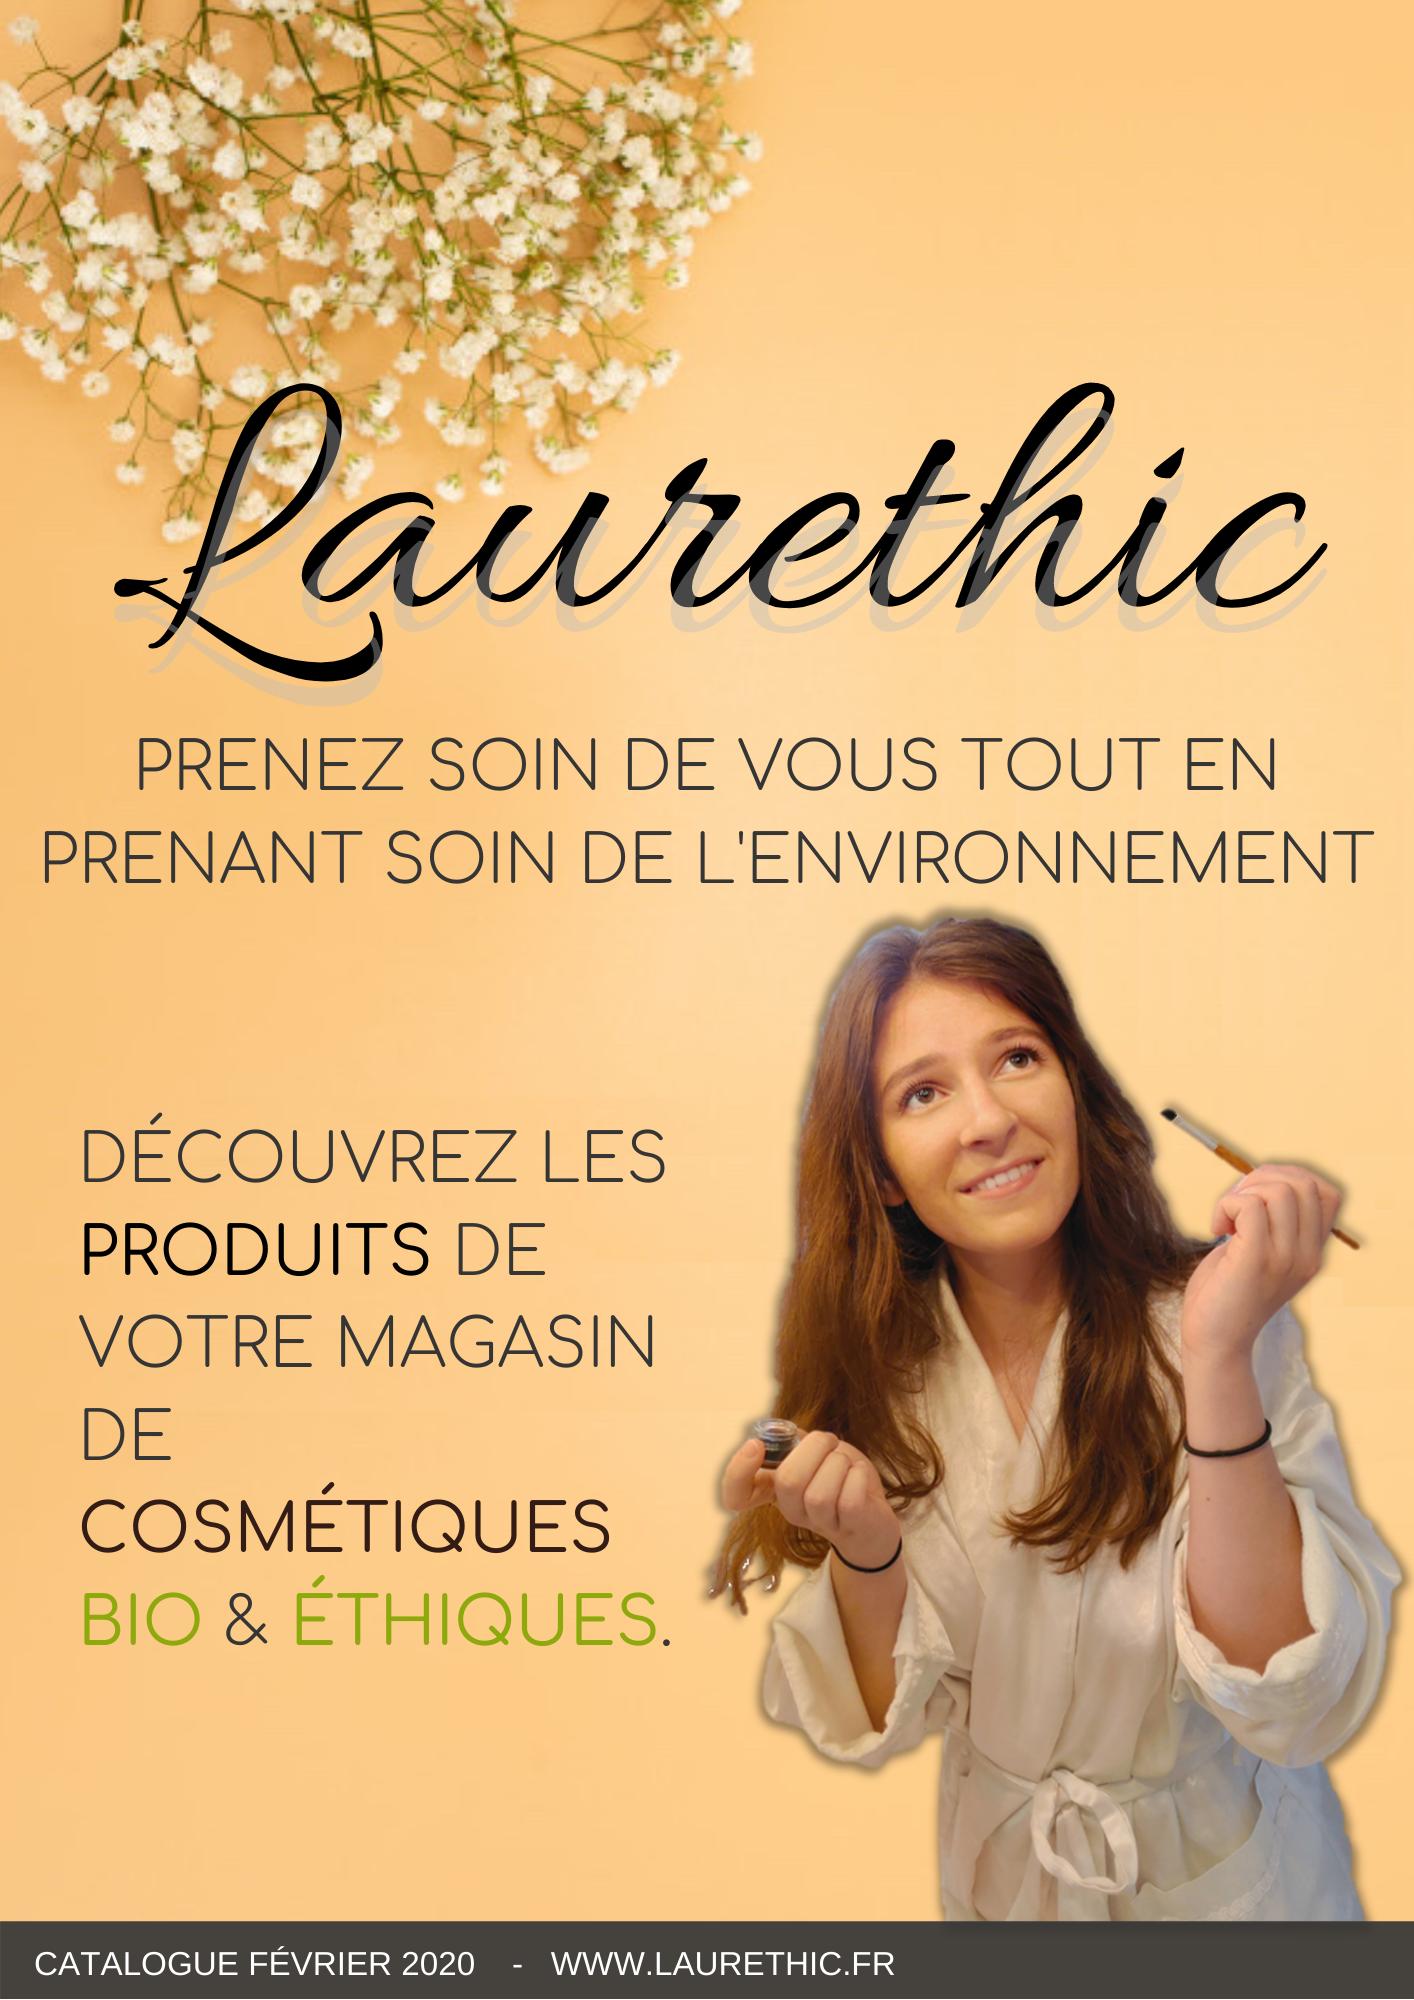 Le catalogue Laurethic